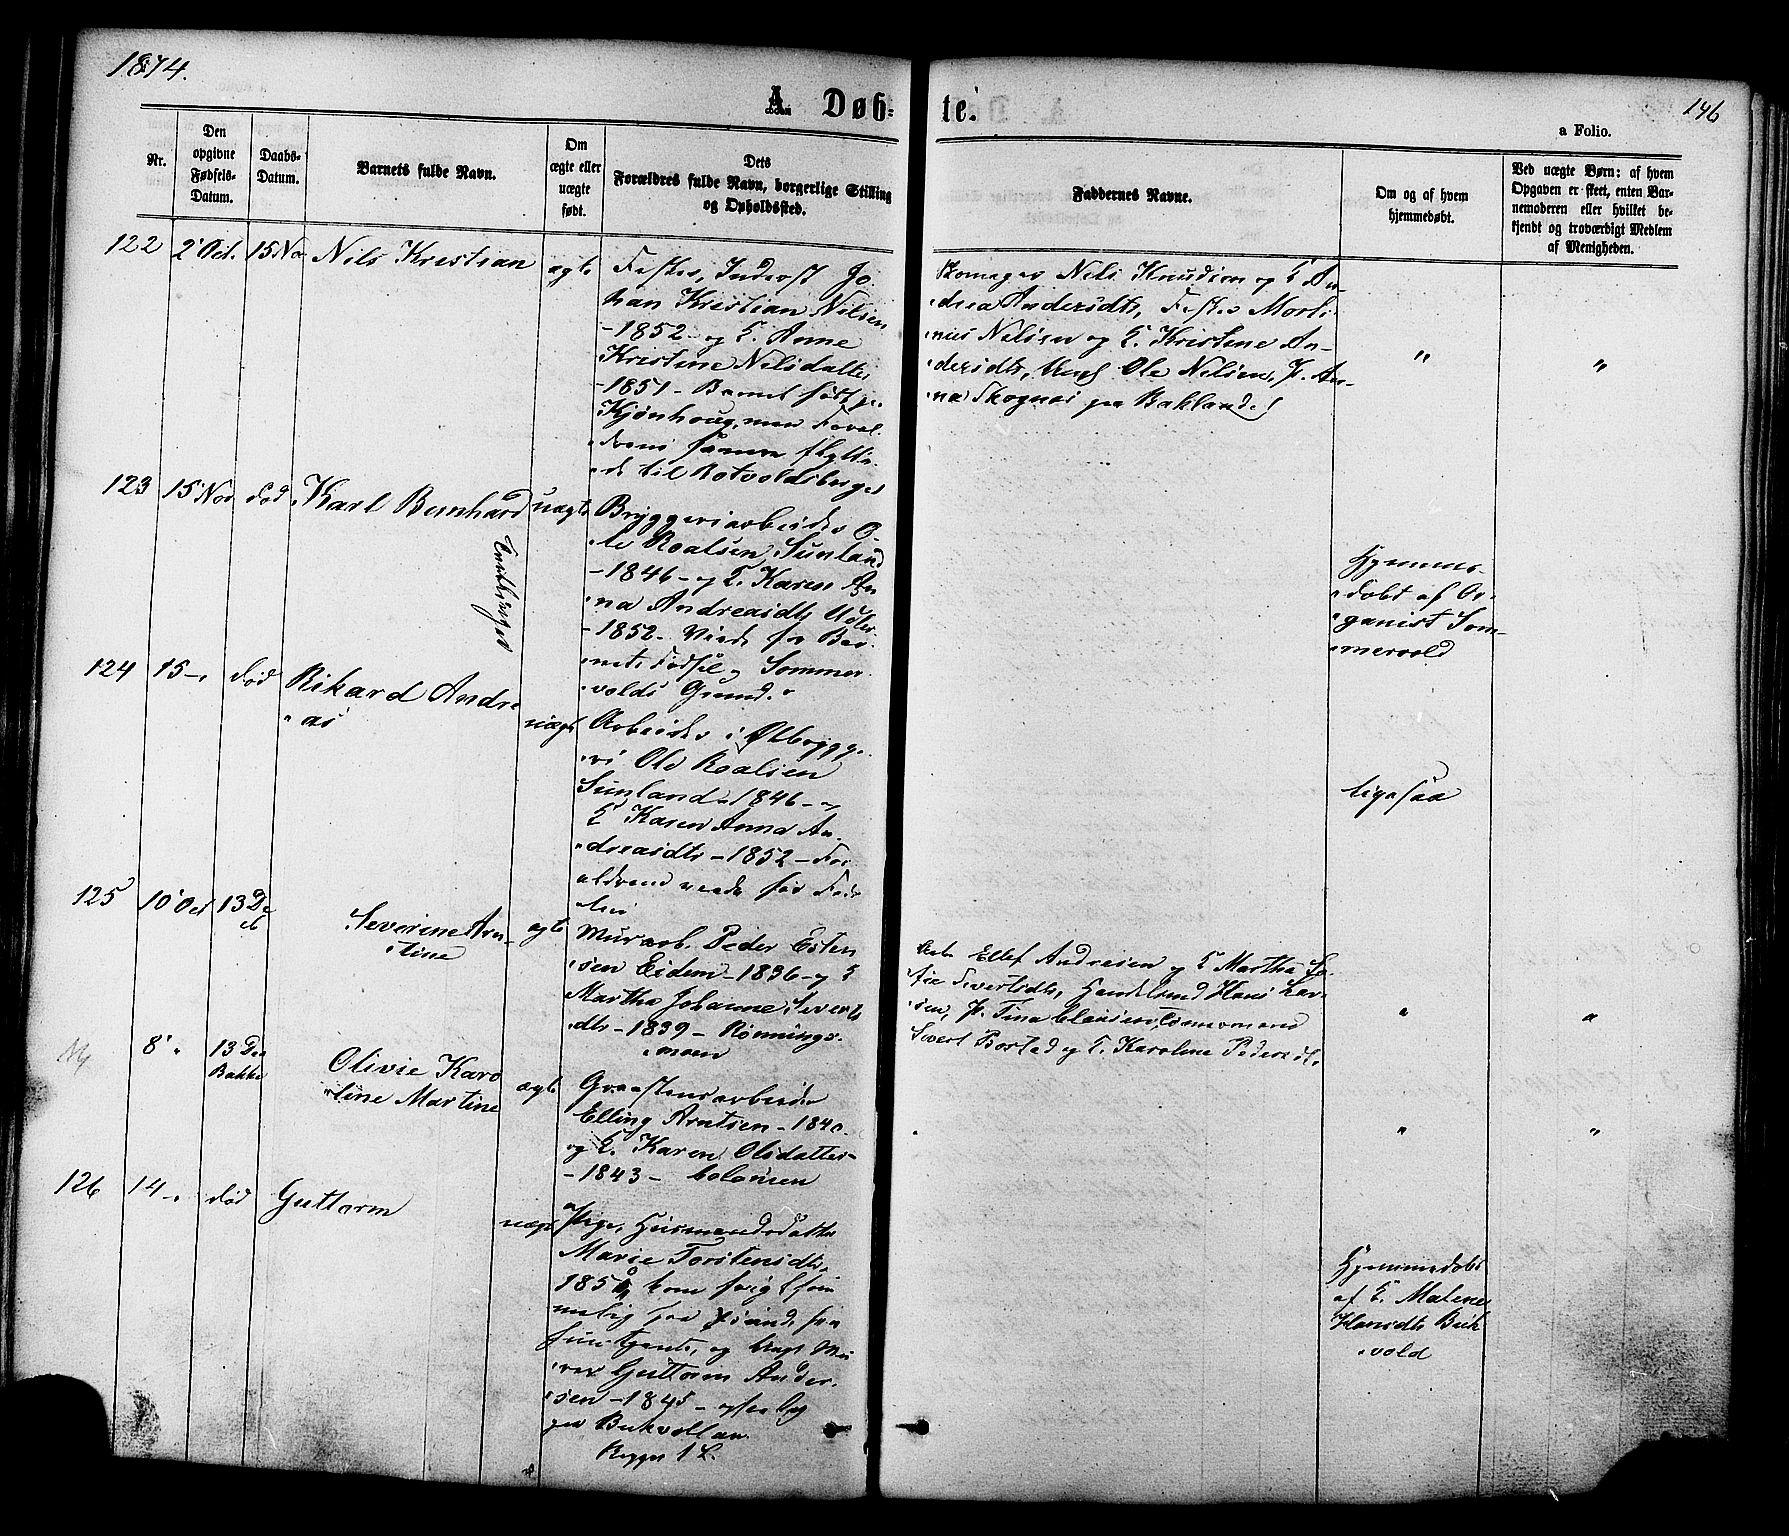 SAT, Ministerialprotokoller, klokkerbøker og fødselsregistre - Sør-Trøndelag, 606/L0293: Ministerialbok nr. 606A08, 1866-1877, s. 146